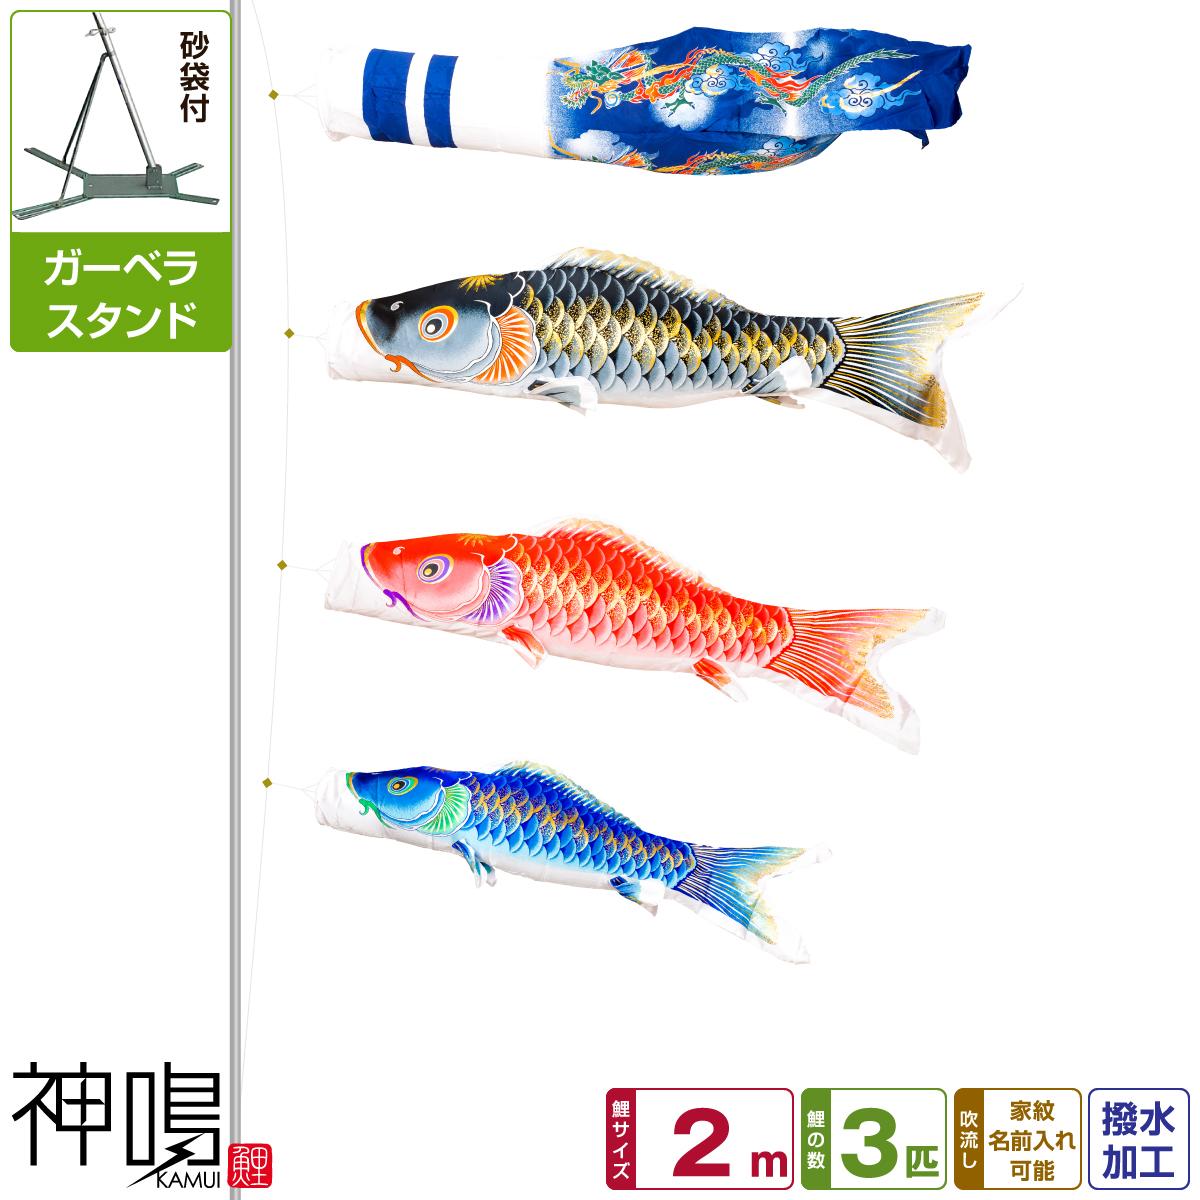 鯉のぼり ベランダ/庭/兼用 神鳴鯉-KAMUI- 2m 6点(吹流し+鯉3匹+矢車+ロープ)/ガーベラセット(庭・ベランダ兼用スタンド)